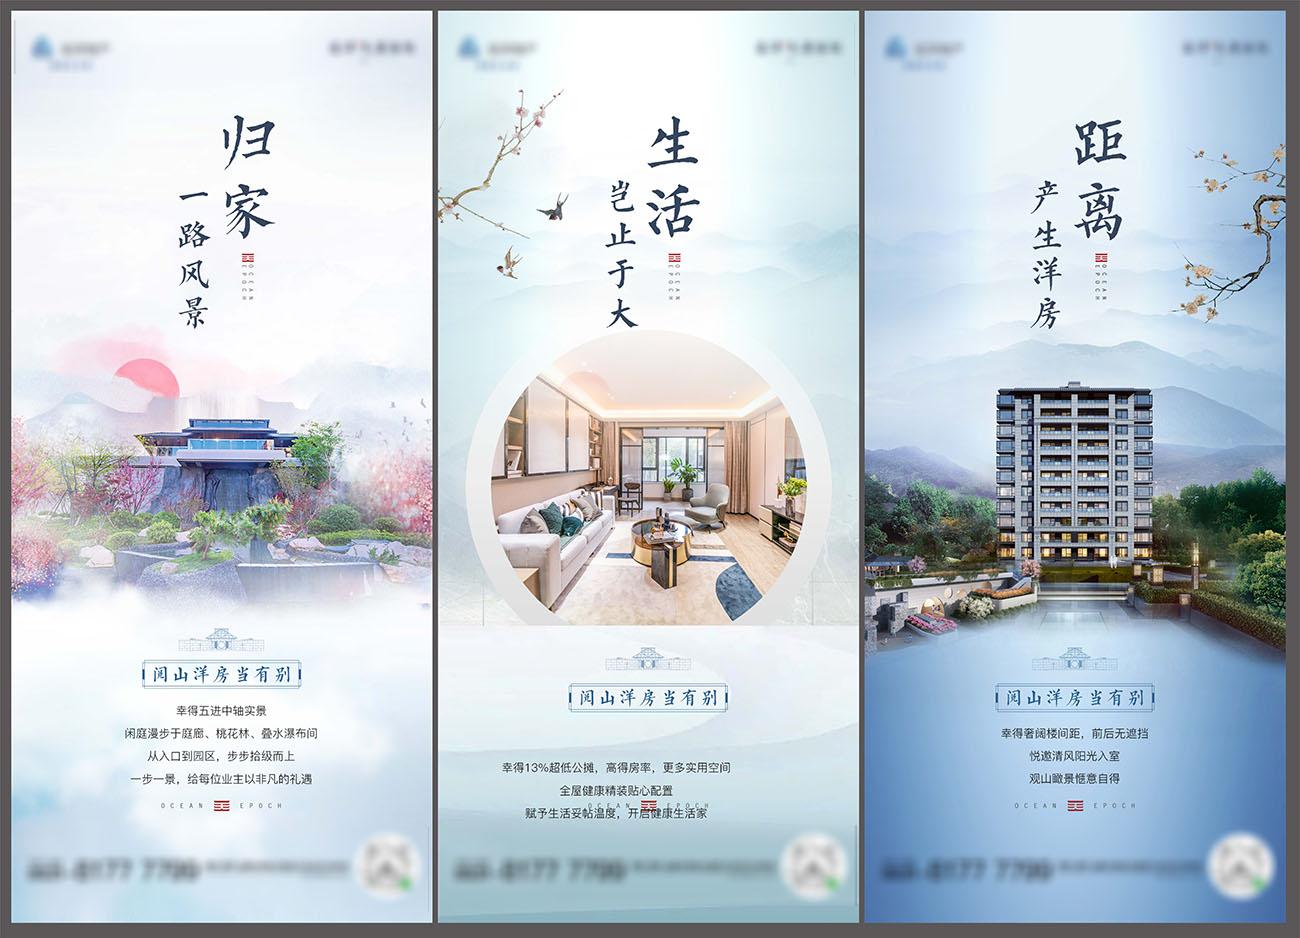 新中式山居洋房系列单图PSD源文件插图